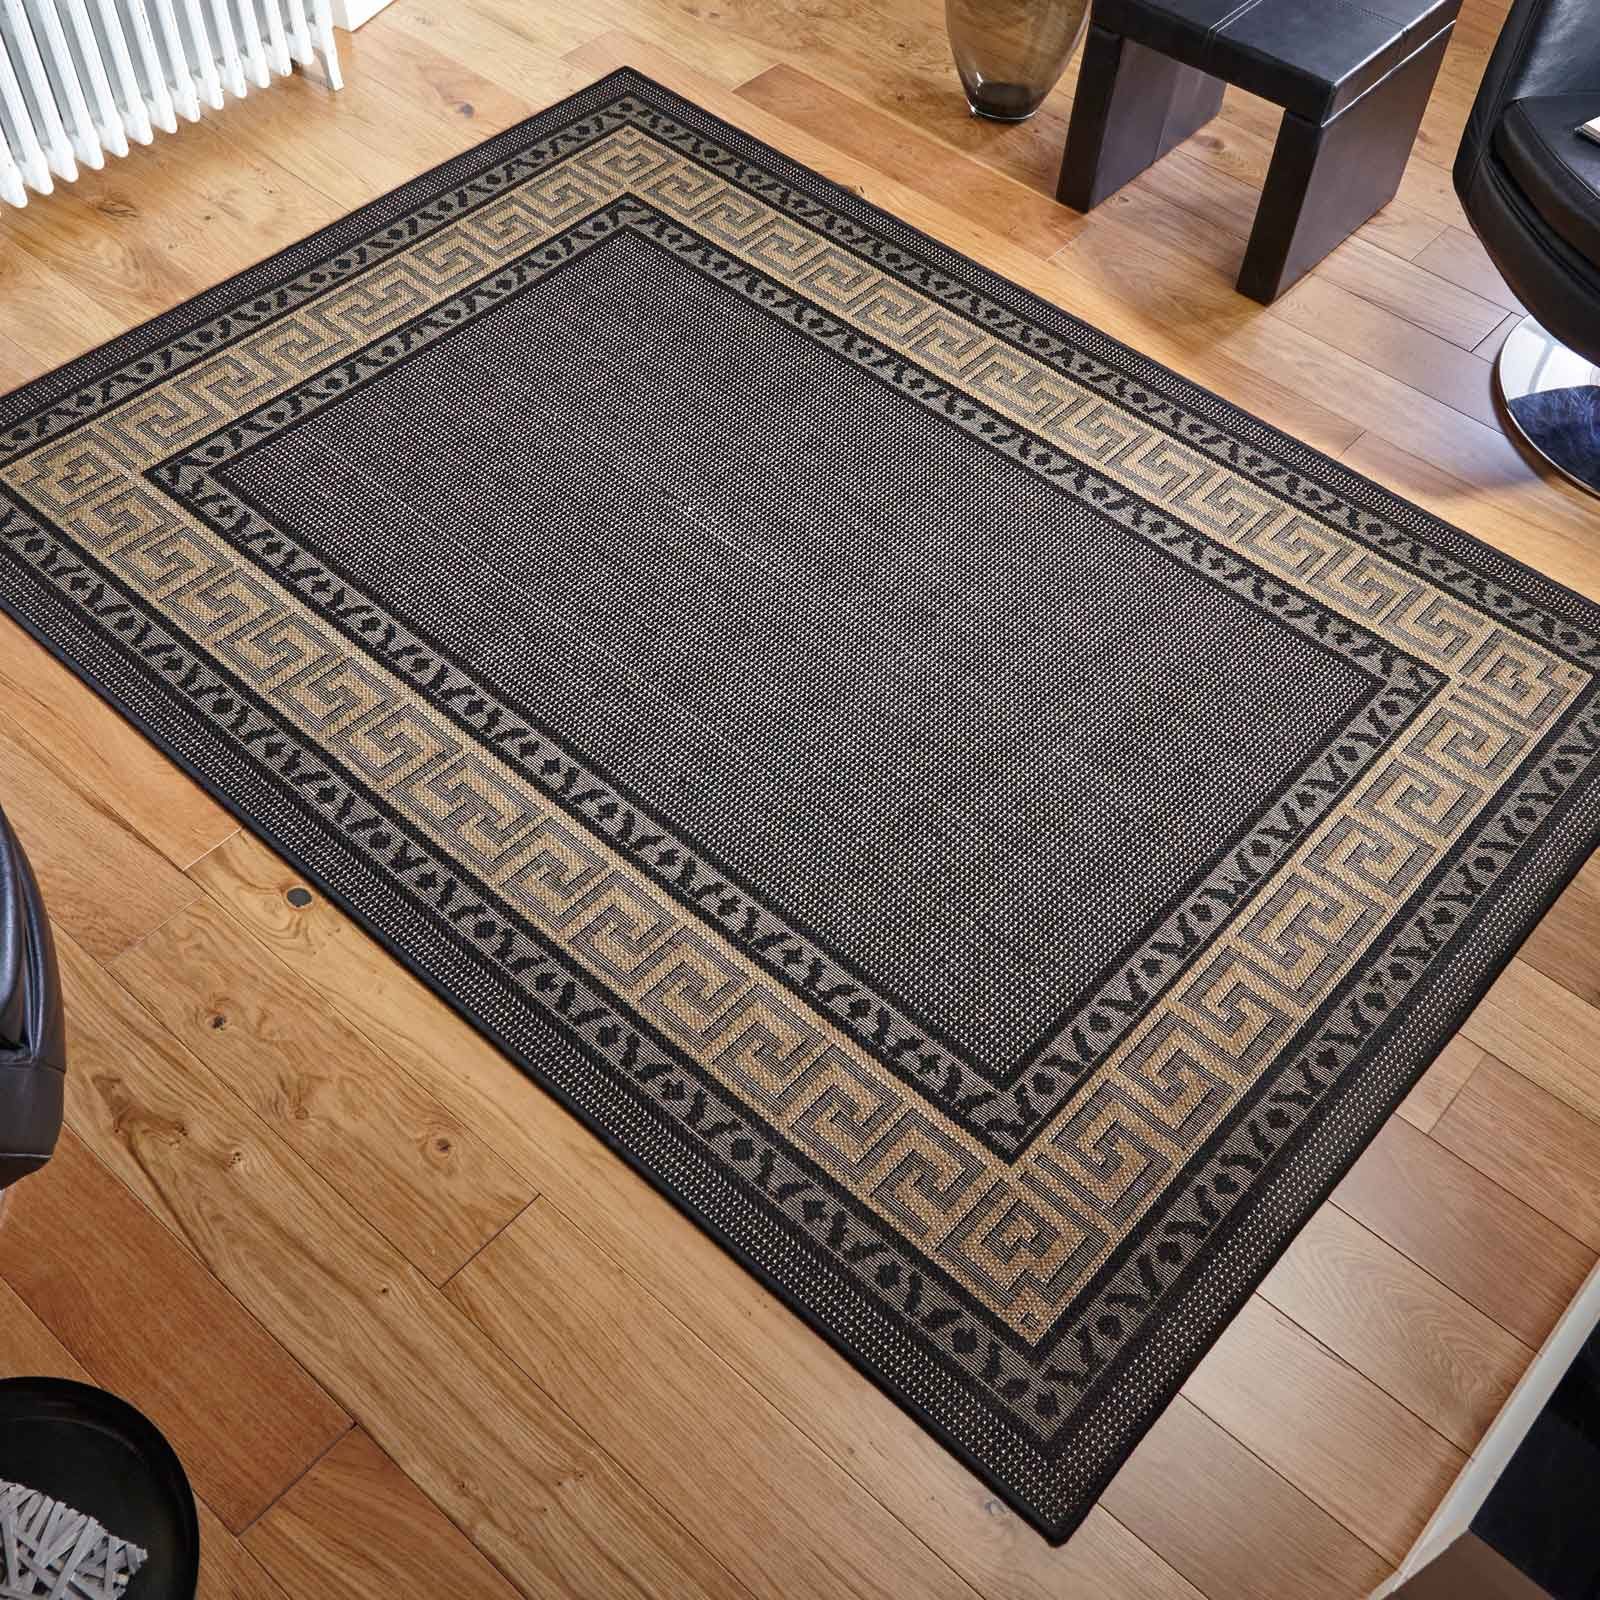 greek key flatweave anti slip rugs in black